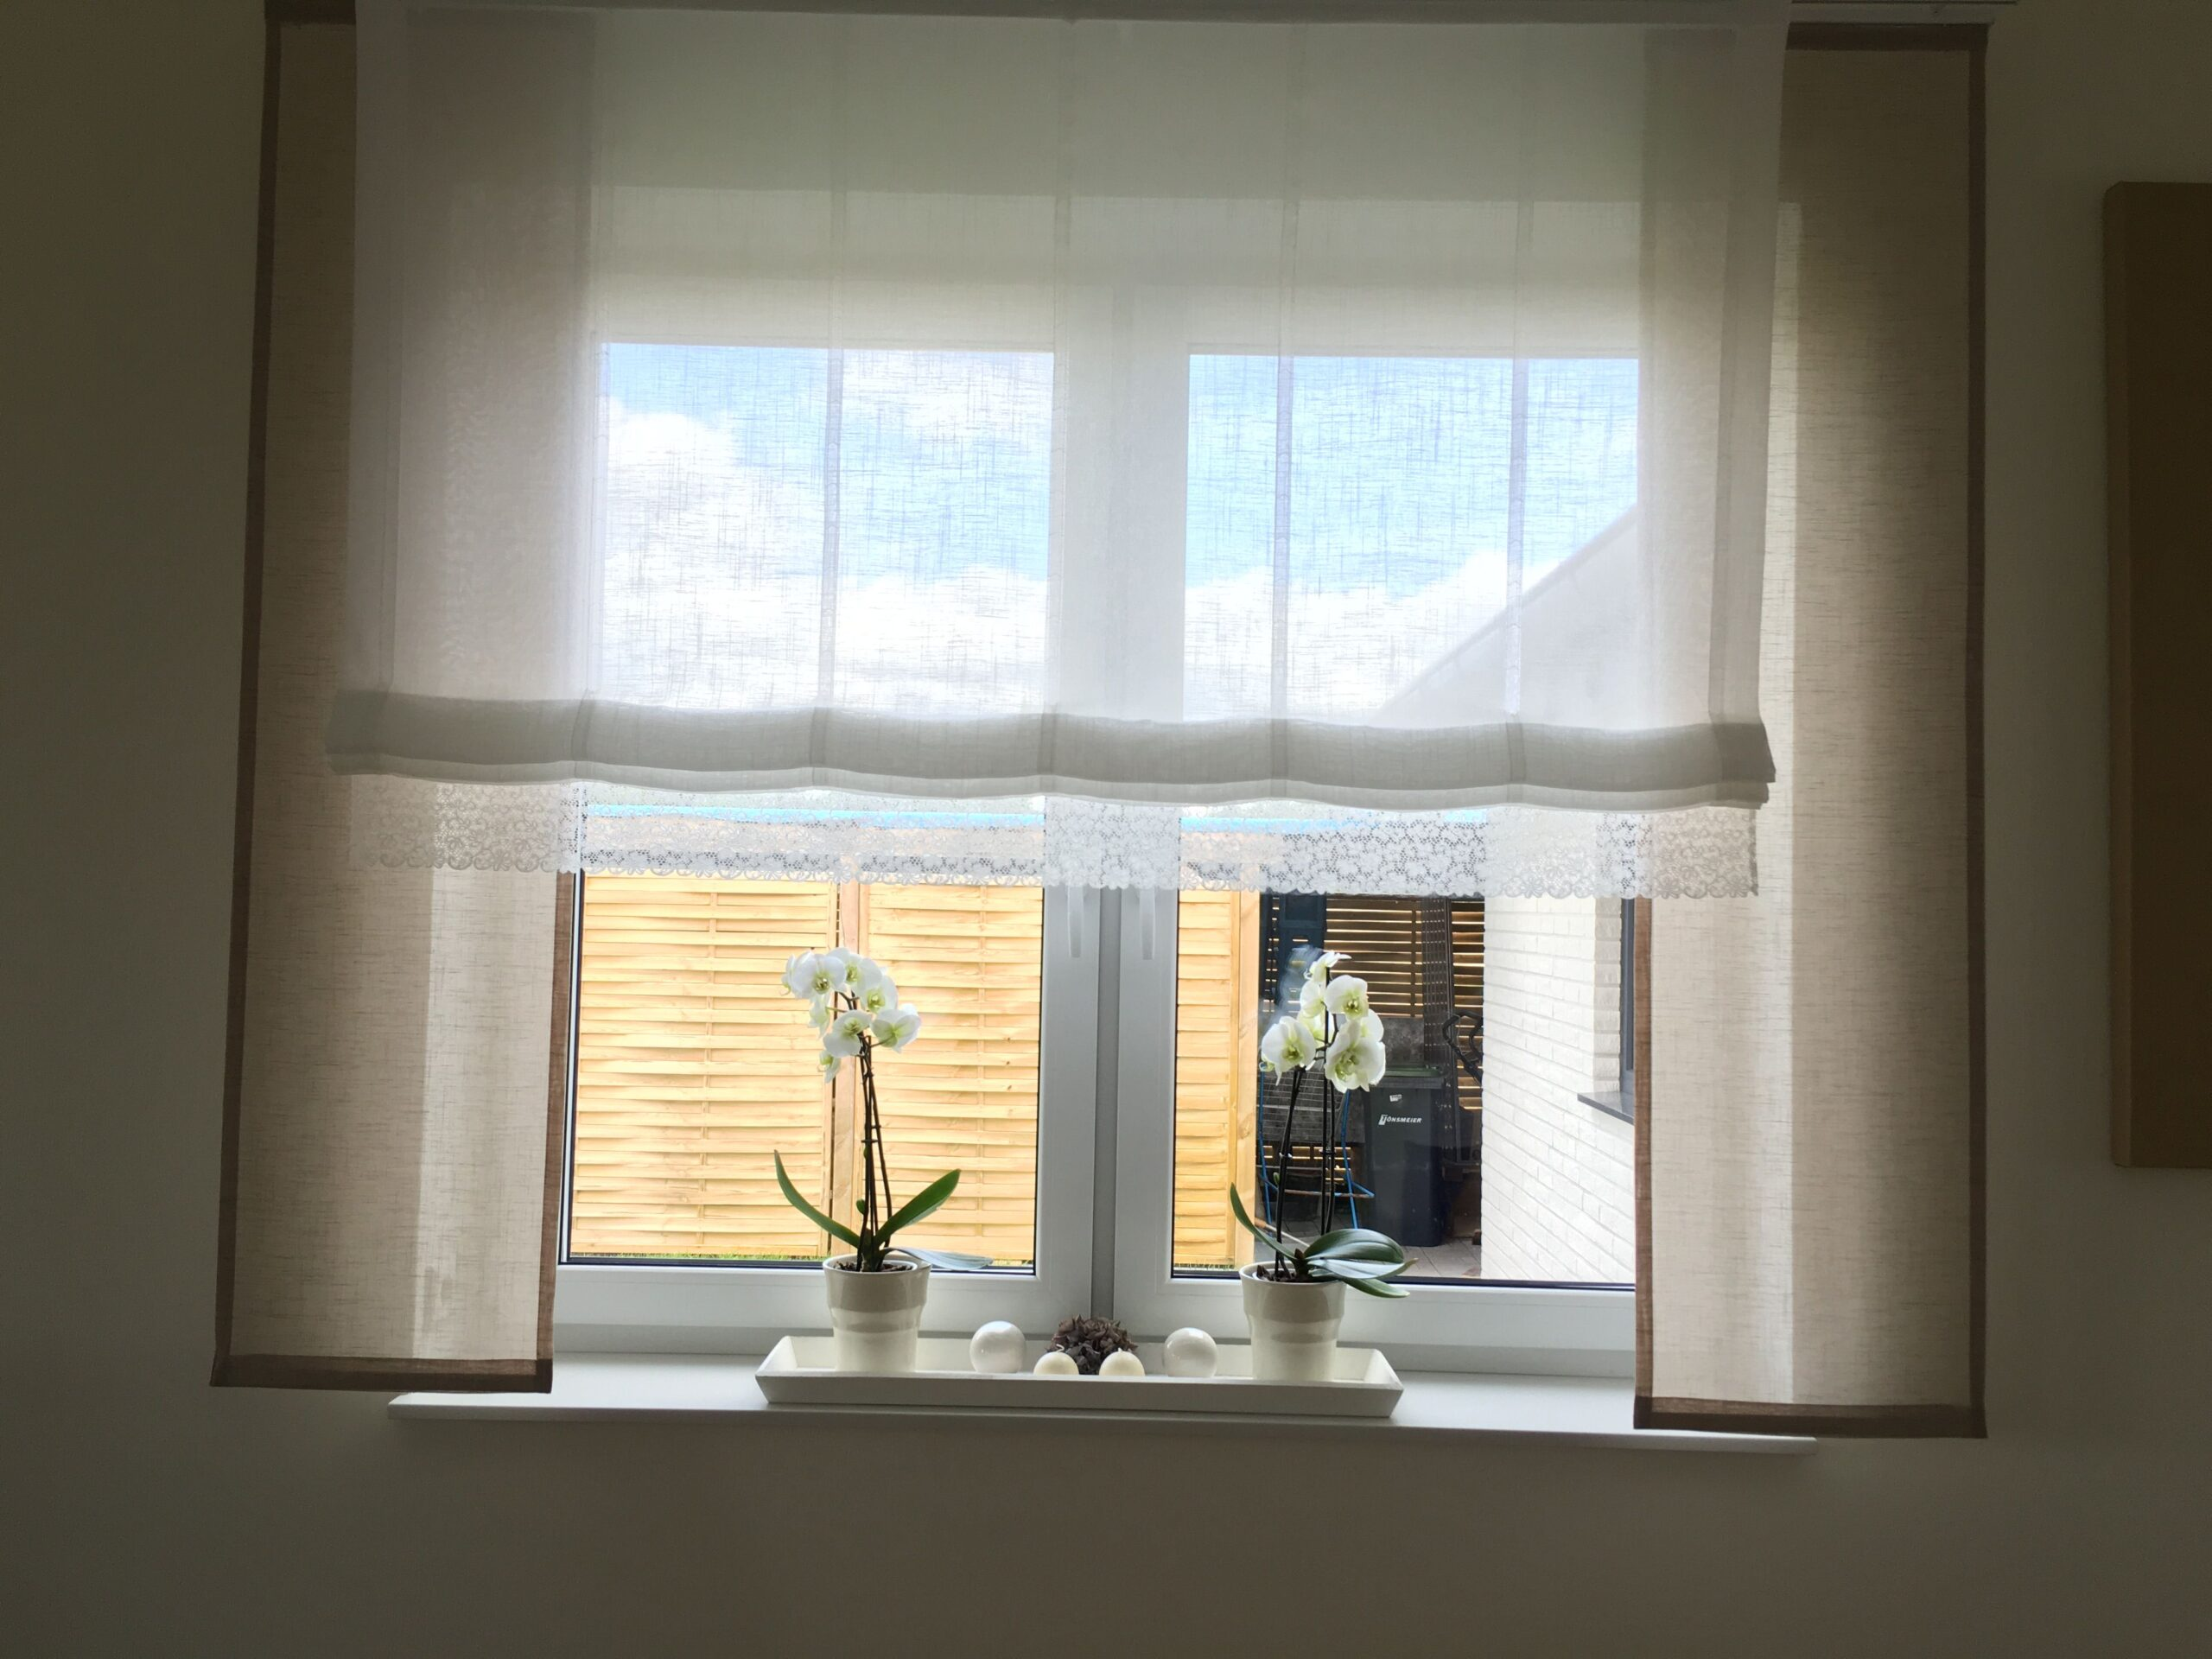 Full Size of Balkontr Gardine Wandtattoo Jugendzimmer Jungen 129 Wandtattoos Scheibengardinen Küche Wohnzimmer Scheibengardinen Balkontür